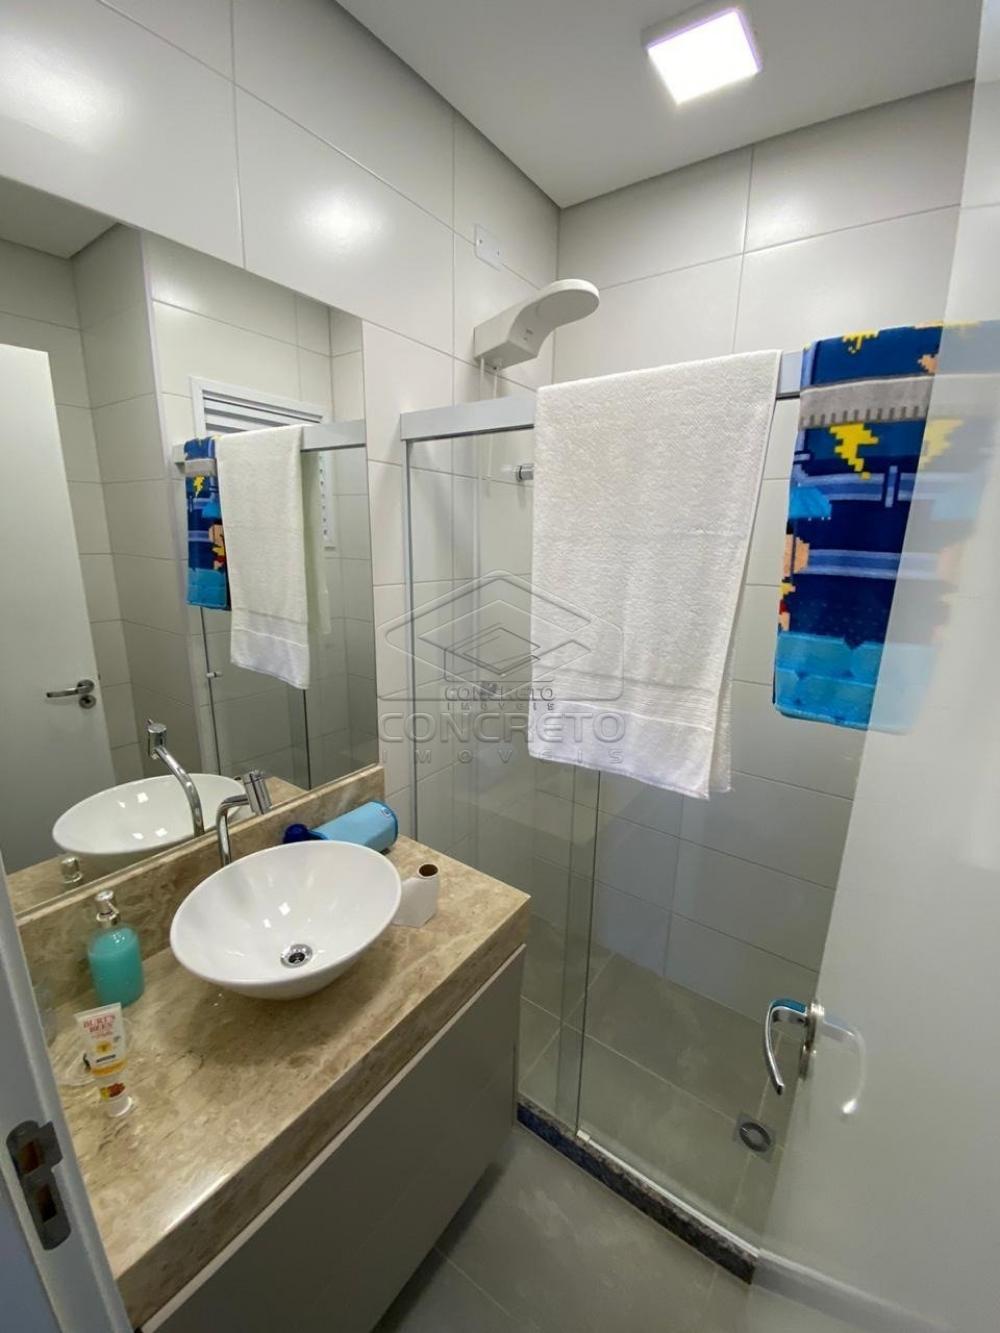 Comprar Apartamento / Padrão em Jau R$ 530.000,00 - Foto 4